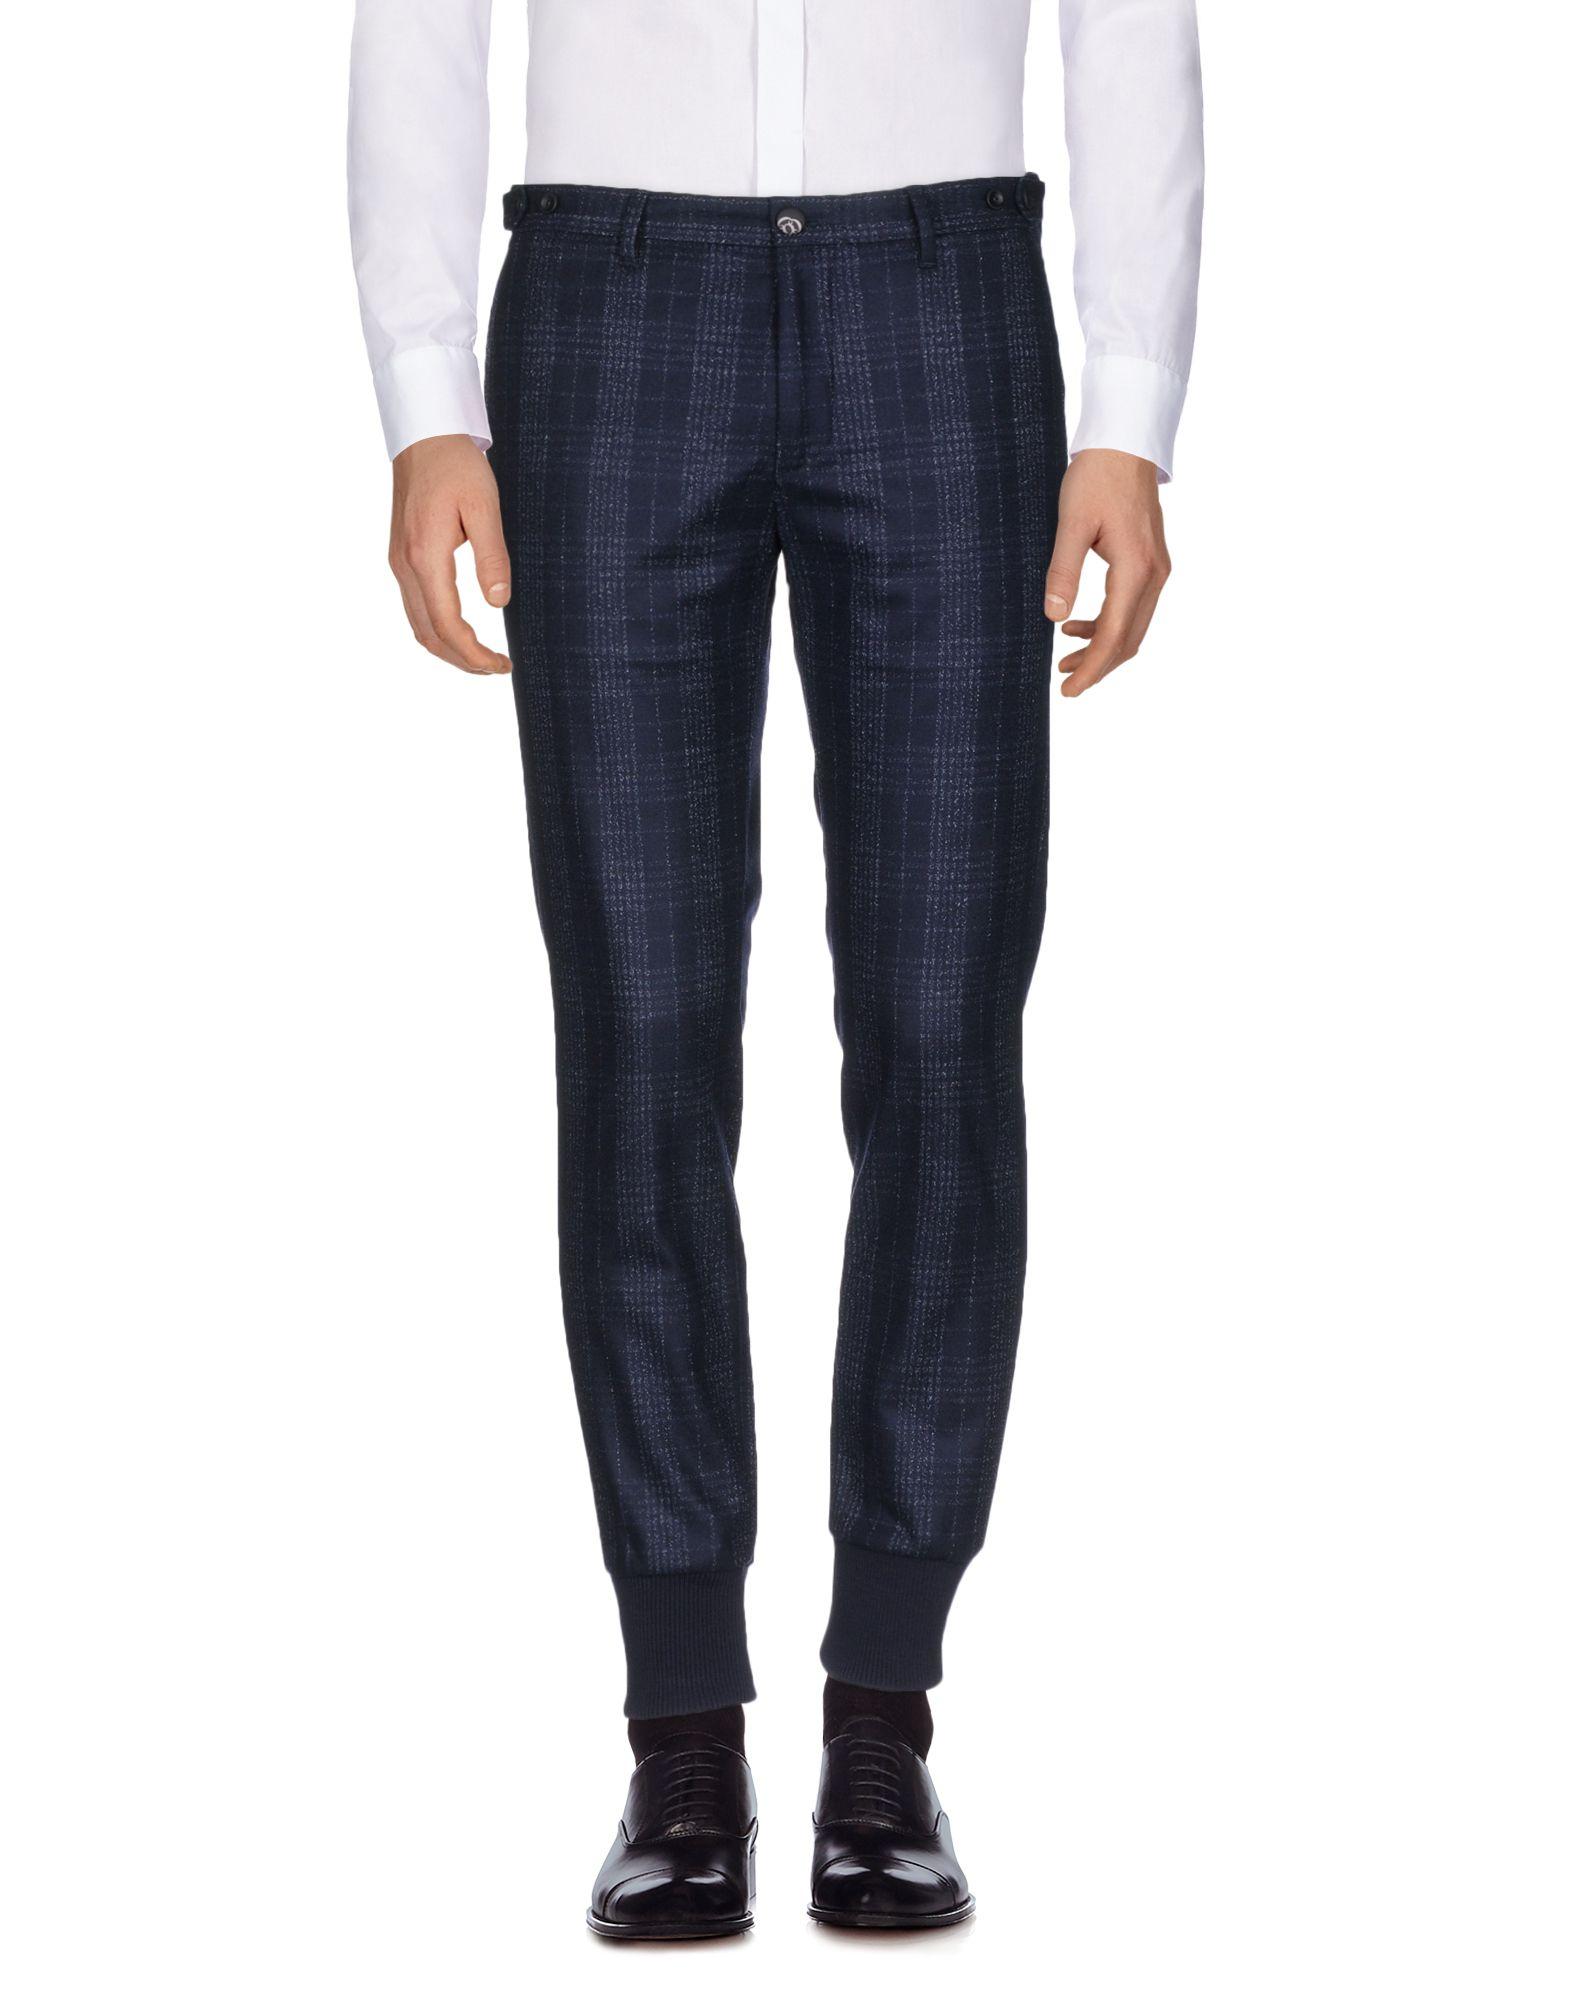 Pantalone G.T.A. Manifattura Pantaloni Uomo - Acquista online su